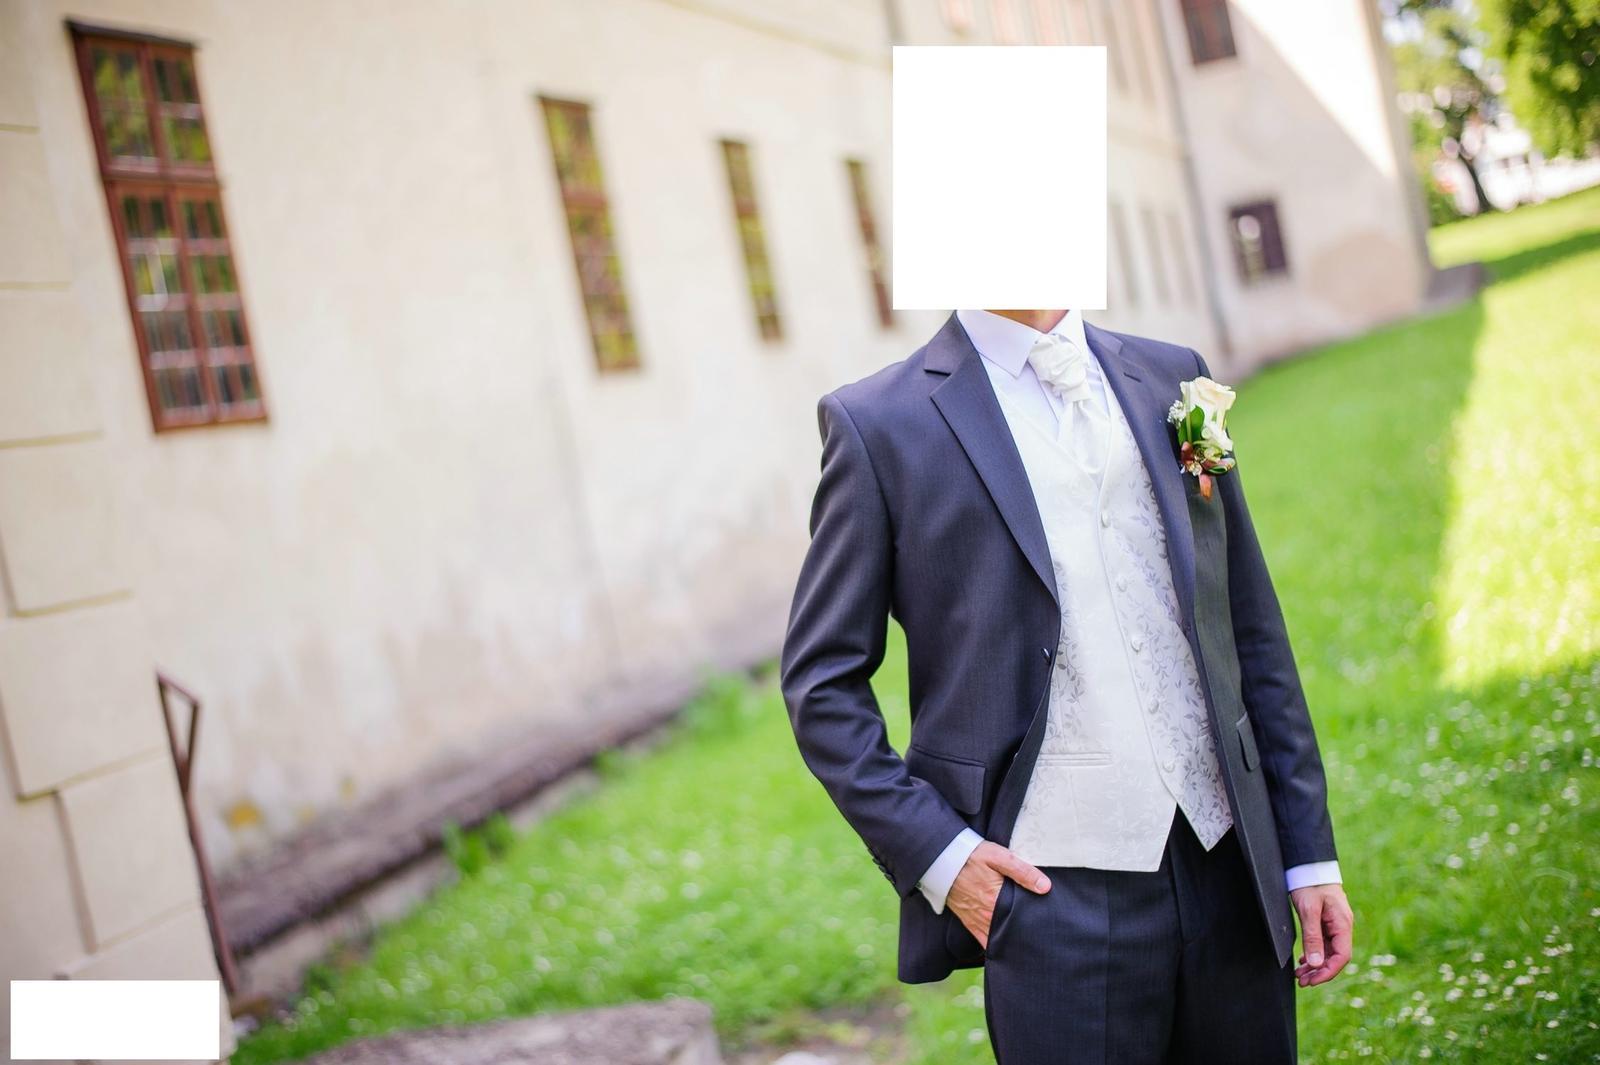 svadobná vesta, kravata a záložka  - Obrázok č. 1